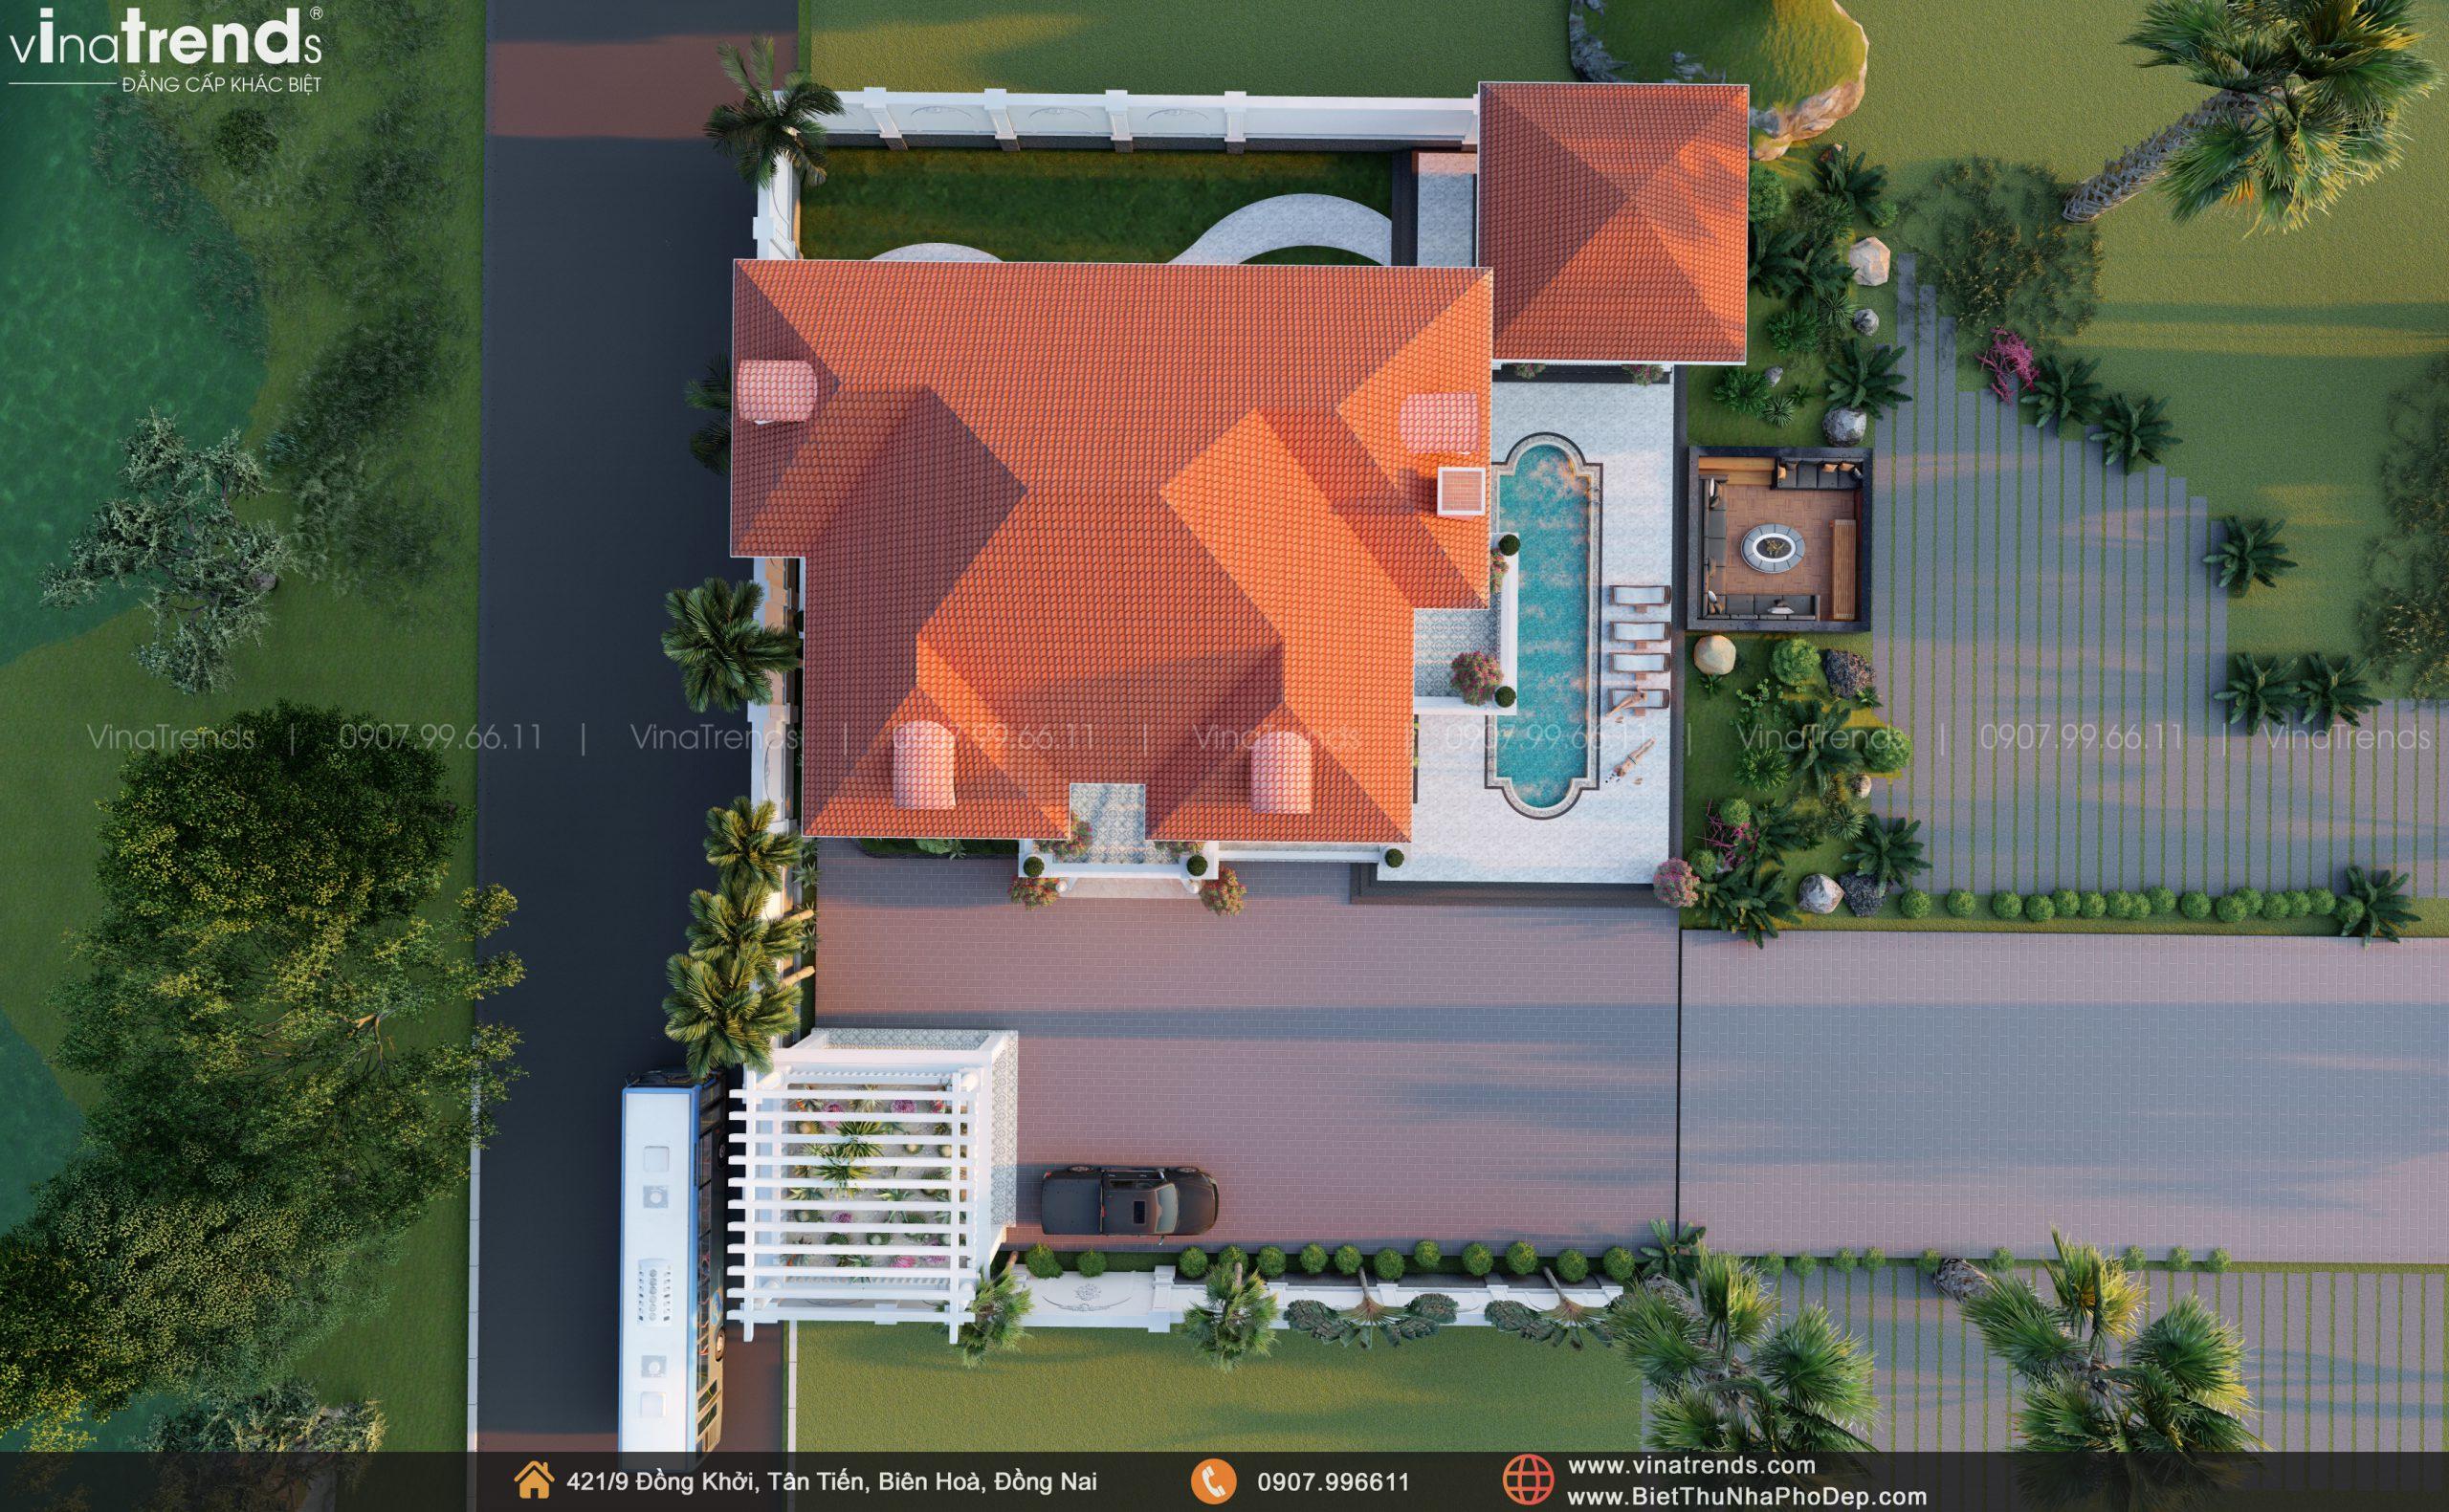 Day 07.09.21 15 scaled Mẫu nhà biệt thự 2 tầng đẹp có hồ bơi 17x20m ngói đỏ chứng tỏ giàu sang của CEO ngành vận tải ở Bình Phước